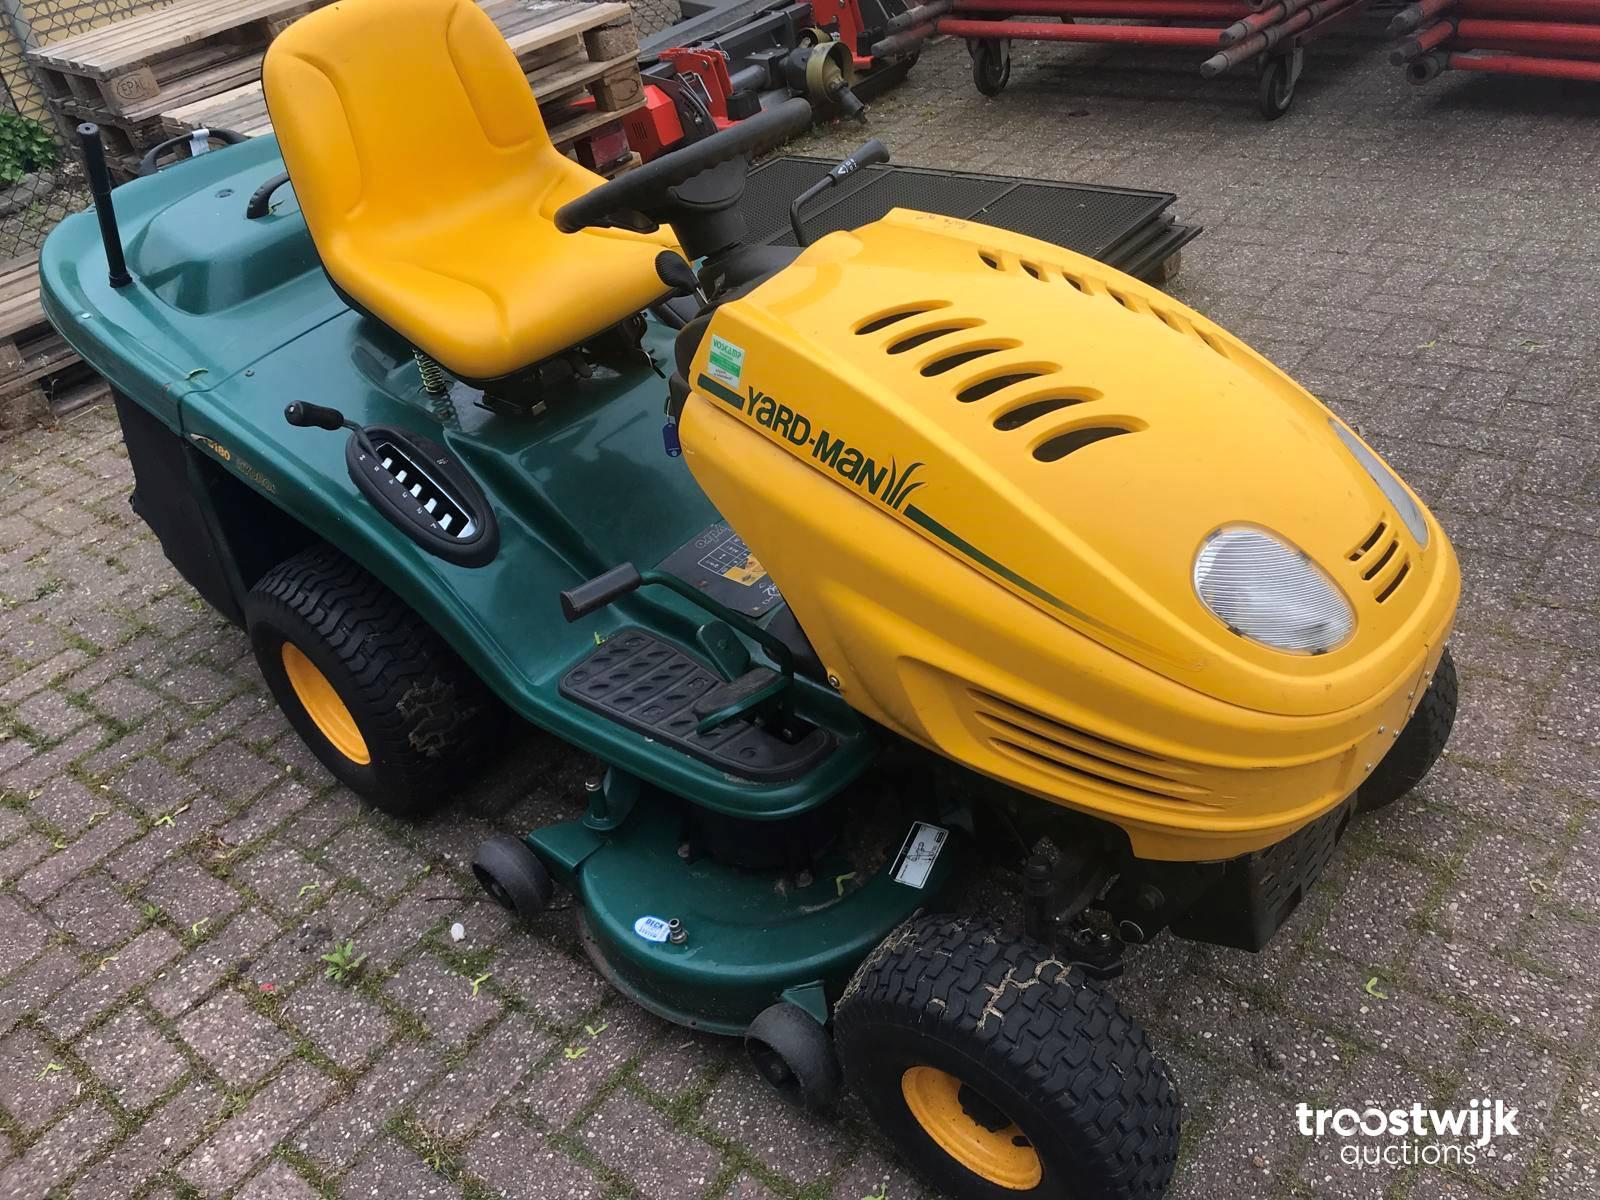 Beste Yardman AN5180 Hydro zitmaaier - Troostwijk FX-88